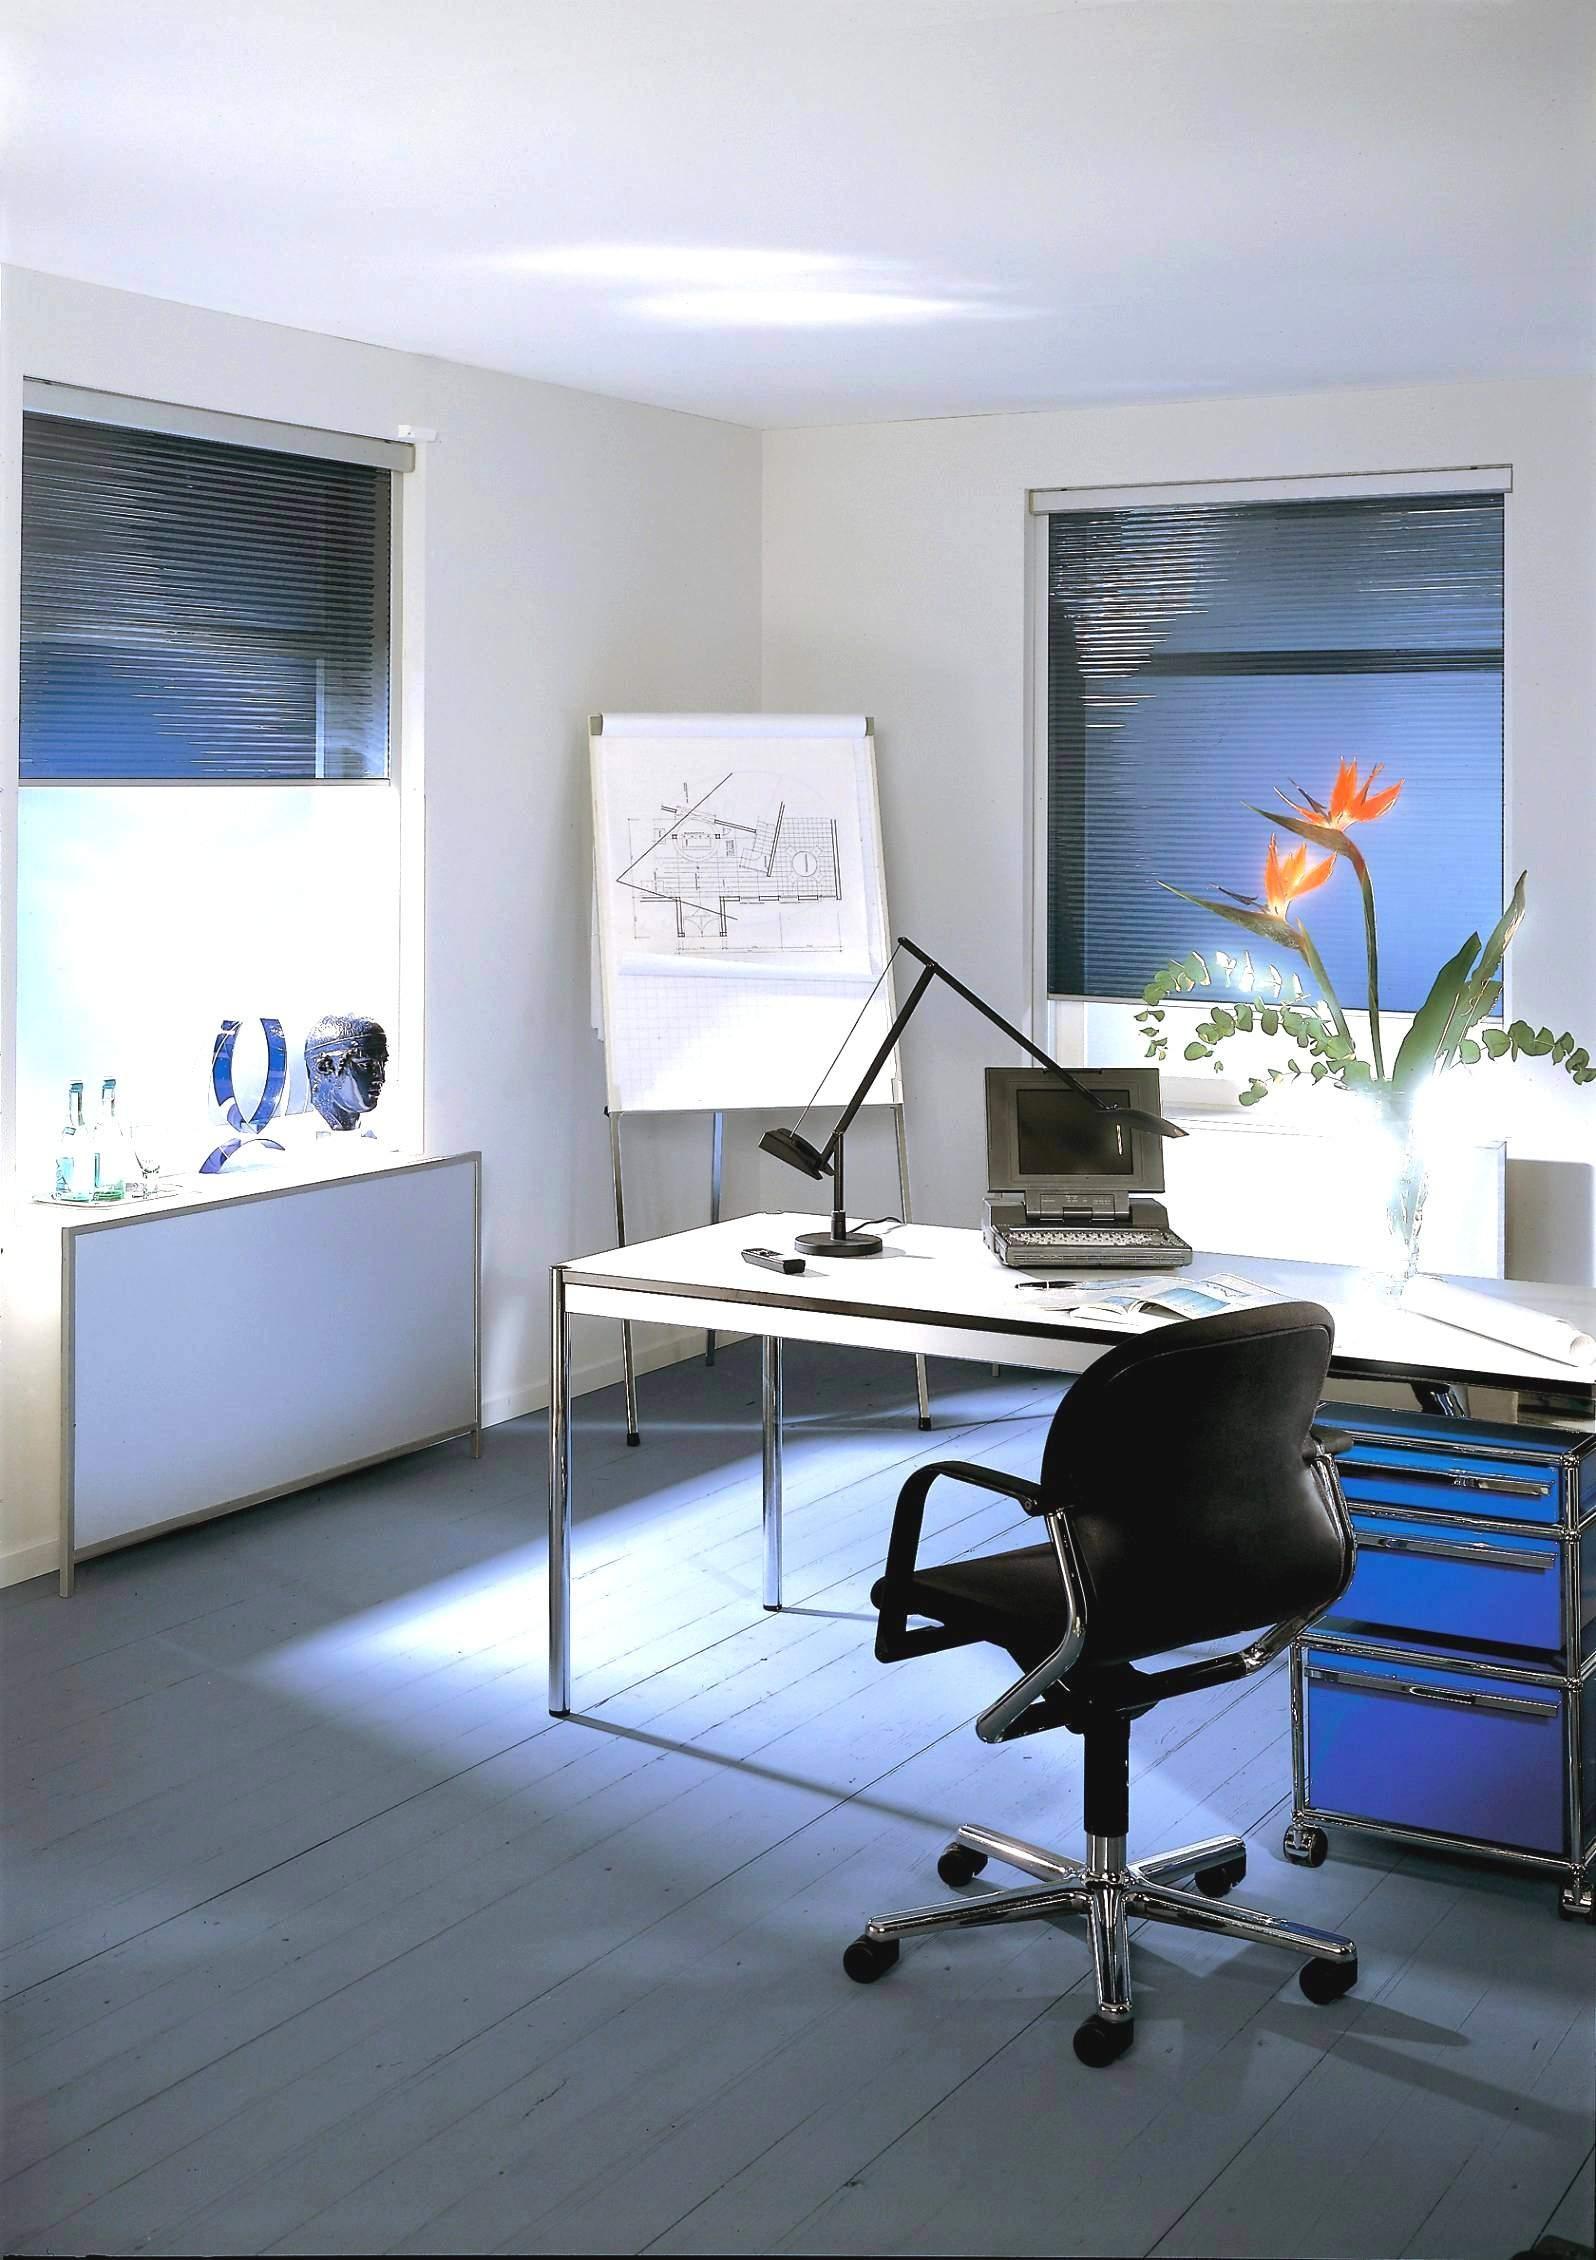 steinteppich wohnzimmer das beste von steinteppich wohnzimmer genial 45 das beste von freitragende of steinteppich wohnzimmer